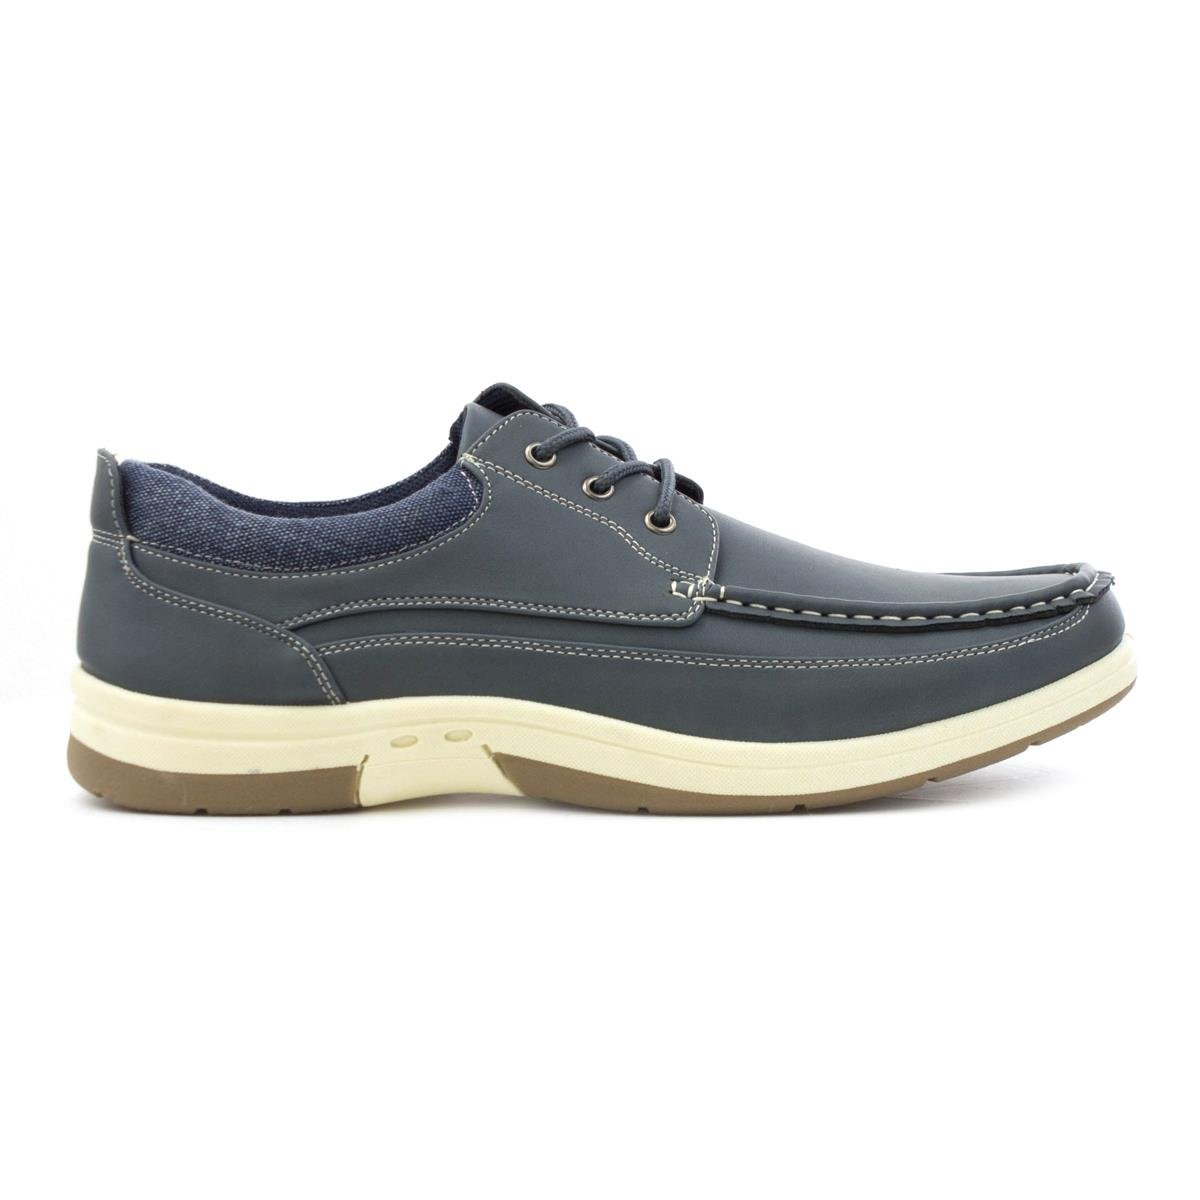 Dr Keller Mens Canvas Shoes Mens Casual Shoes Pumps Faux Leather Lace Navy Size